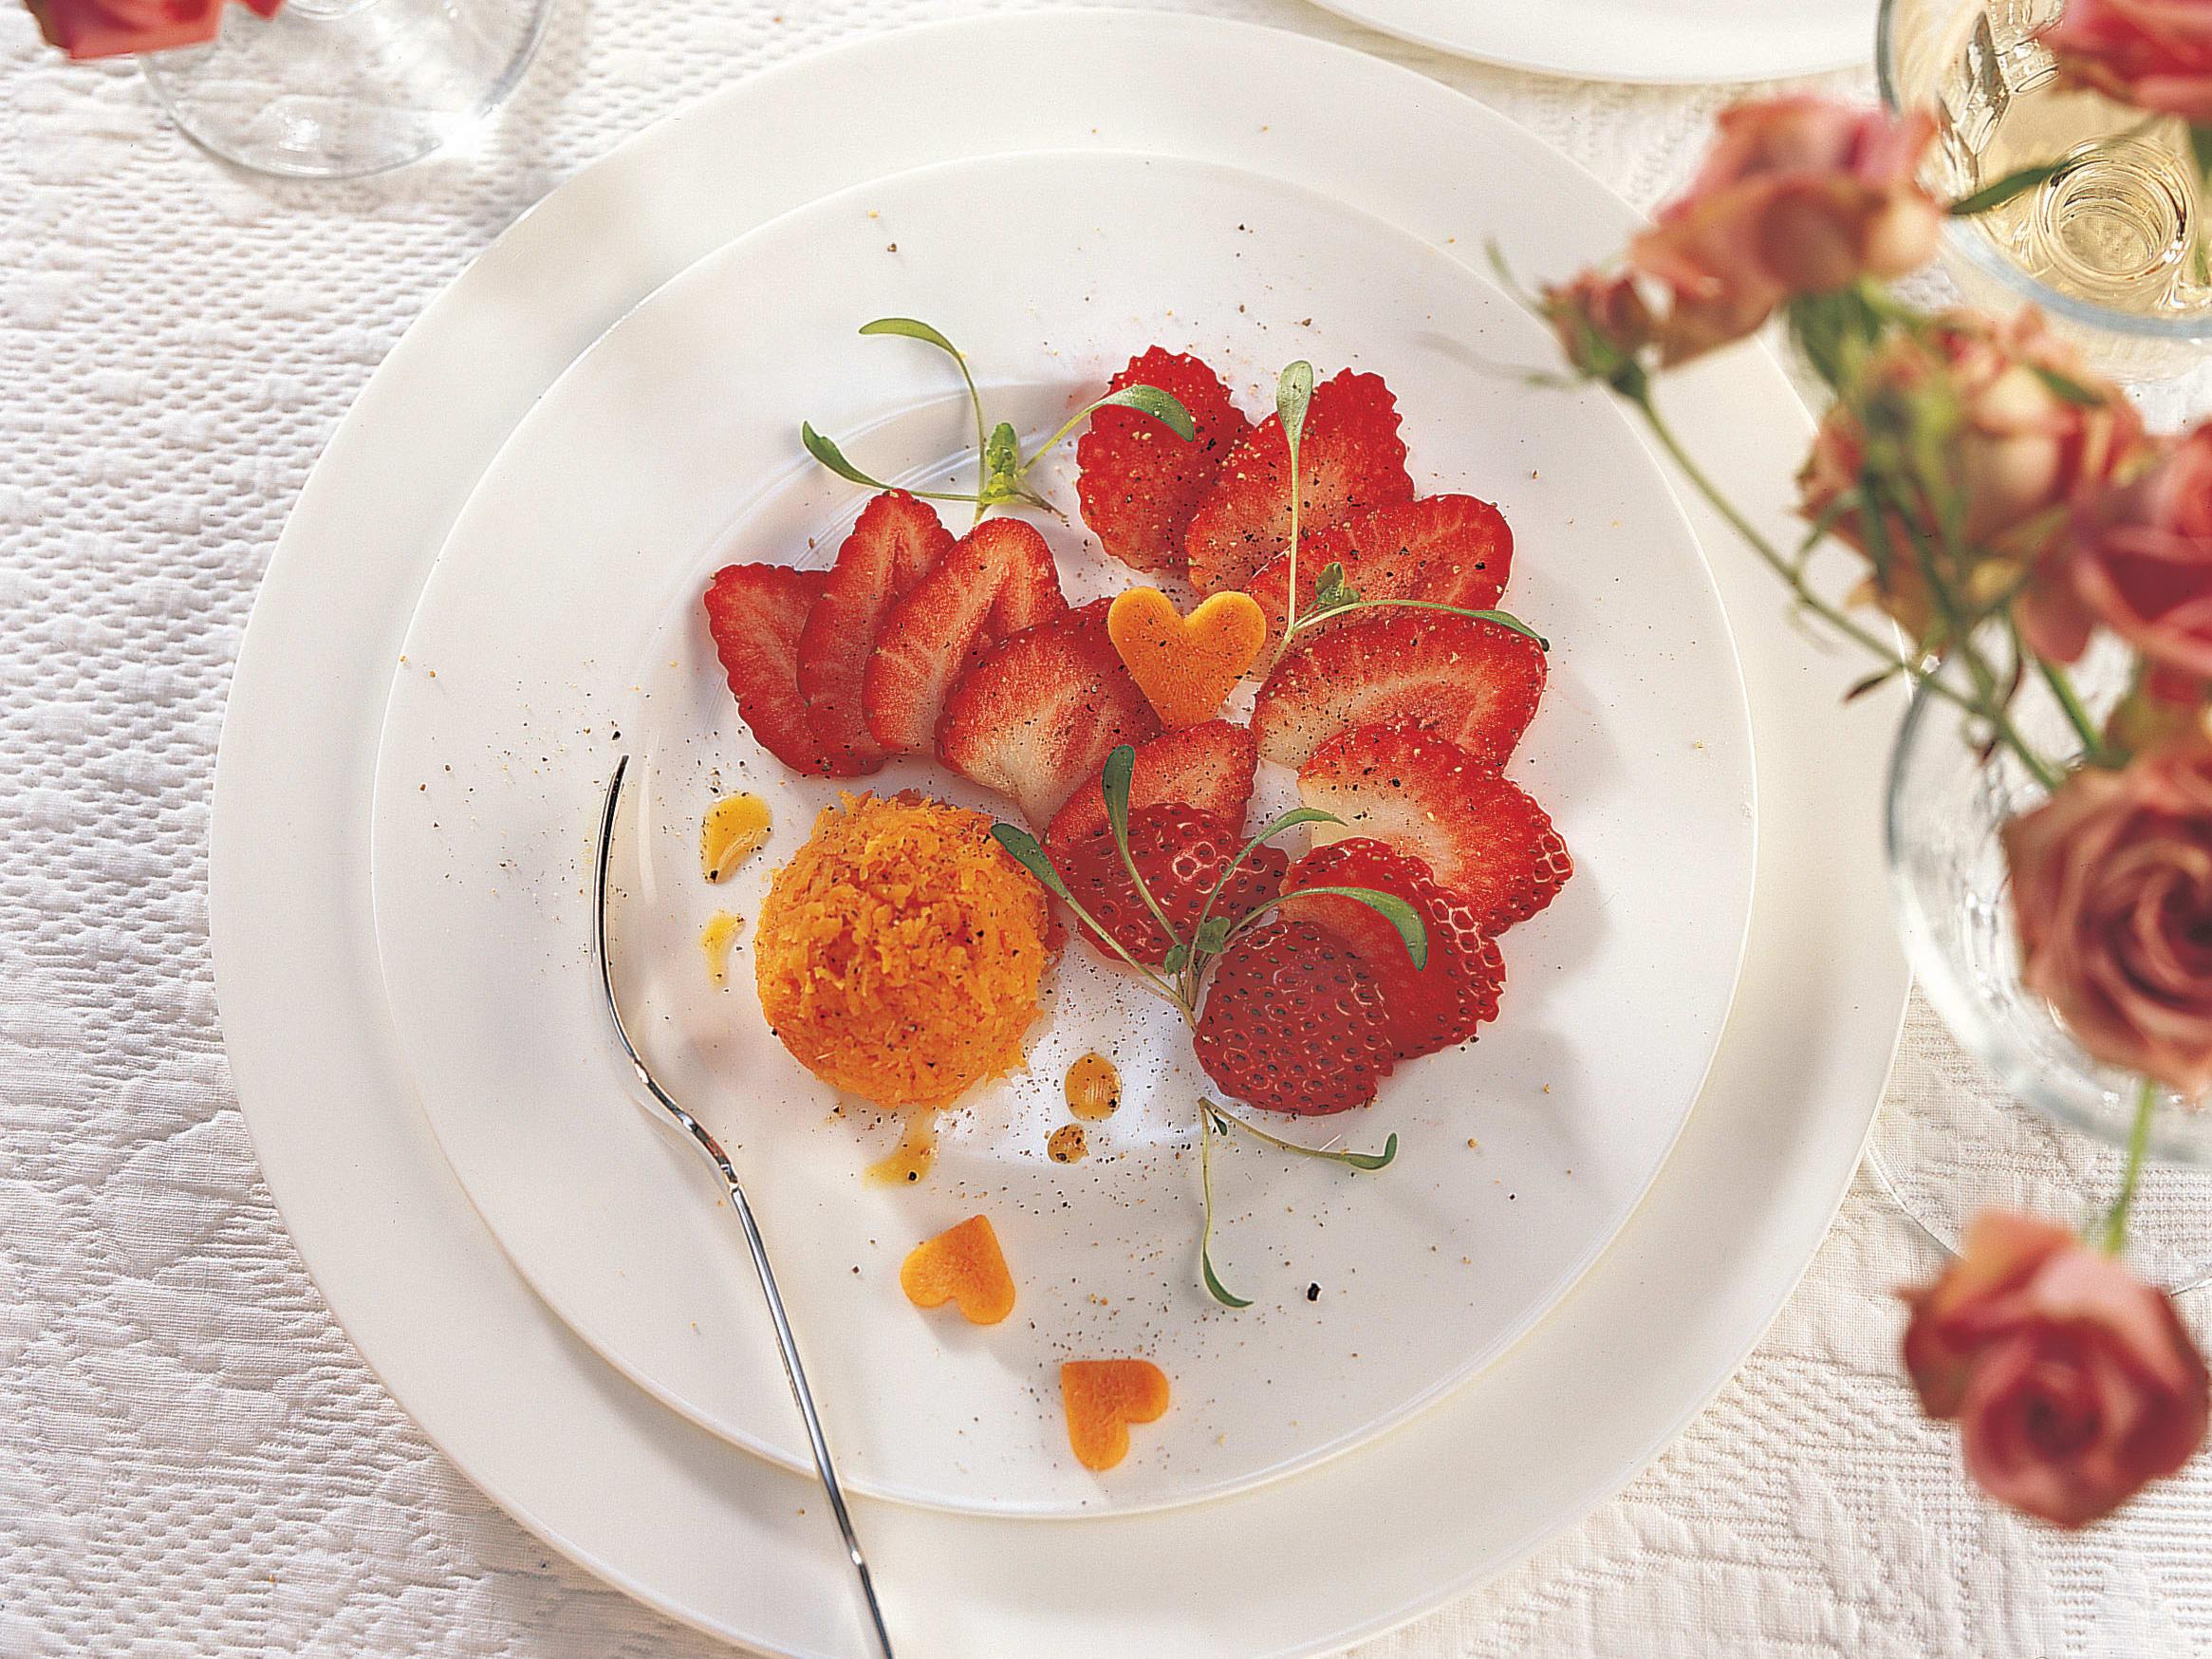 Rüebli-Erdbeer-Salat